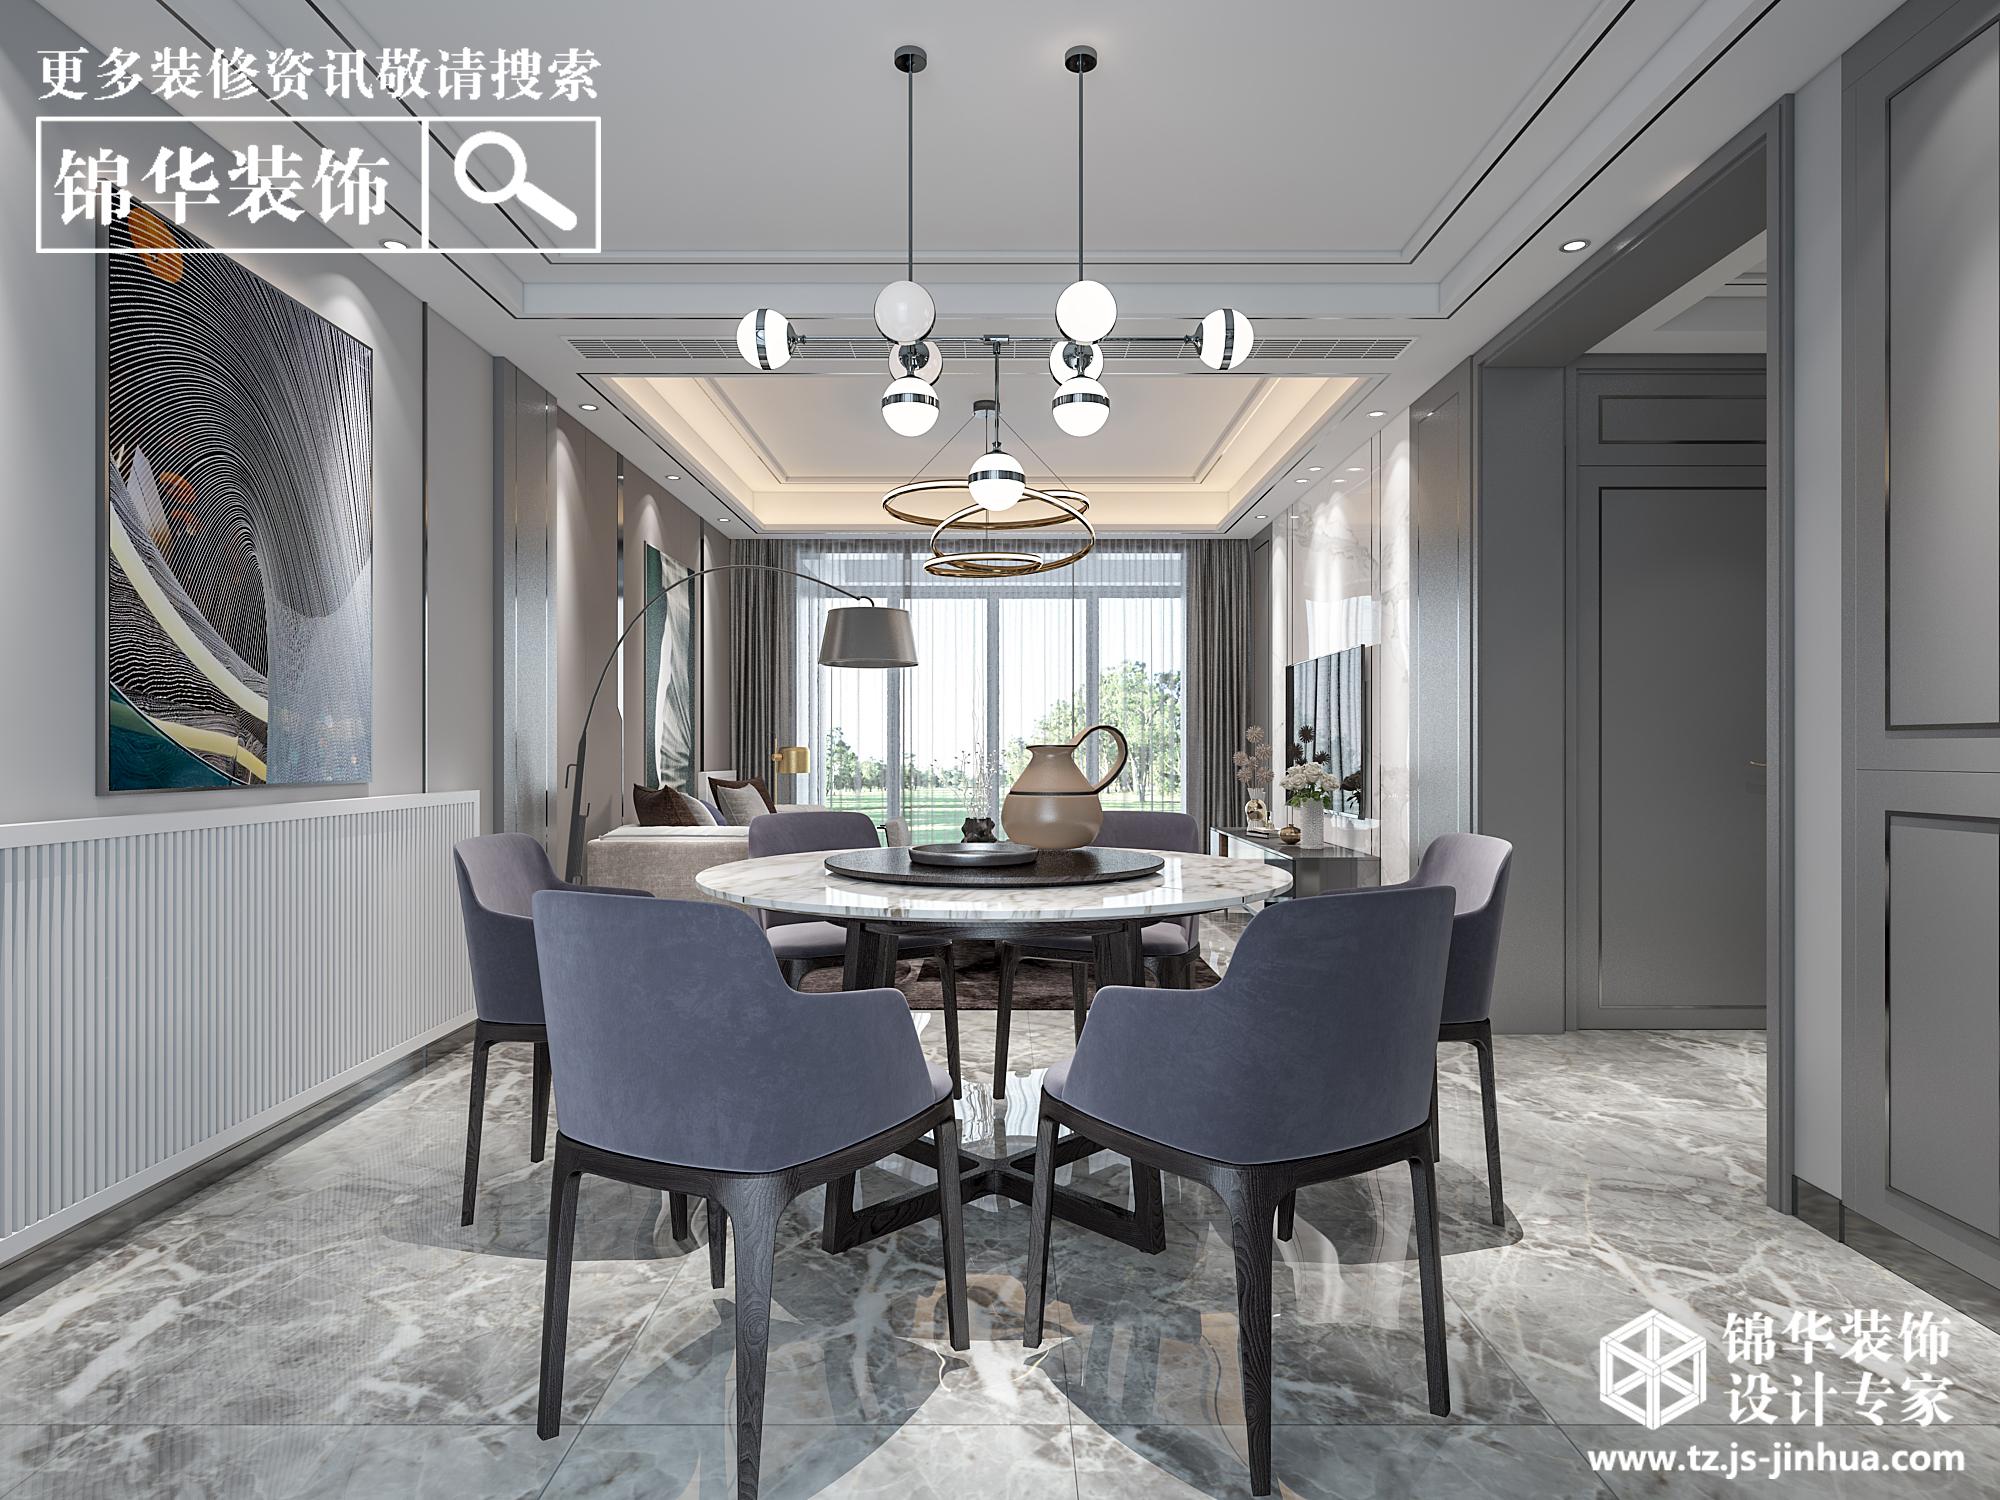 现代轻奢风格-碧桂园凤城府-五室三厅两卫-280平米-全案造价70万